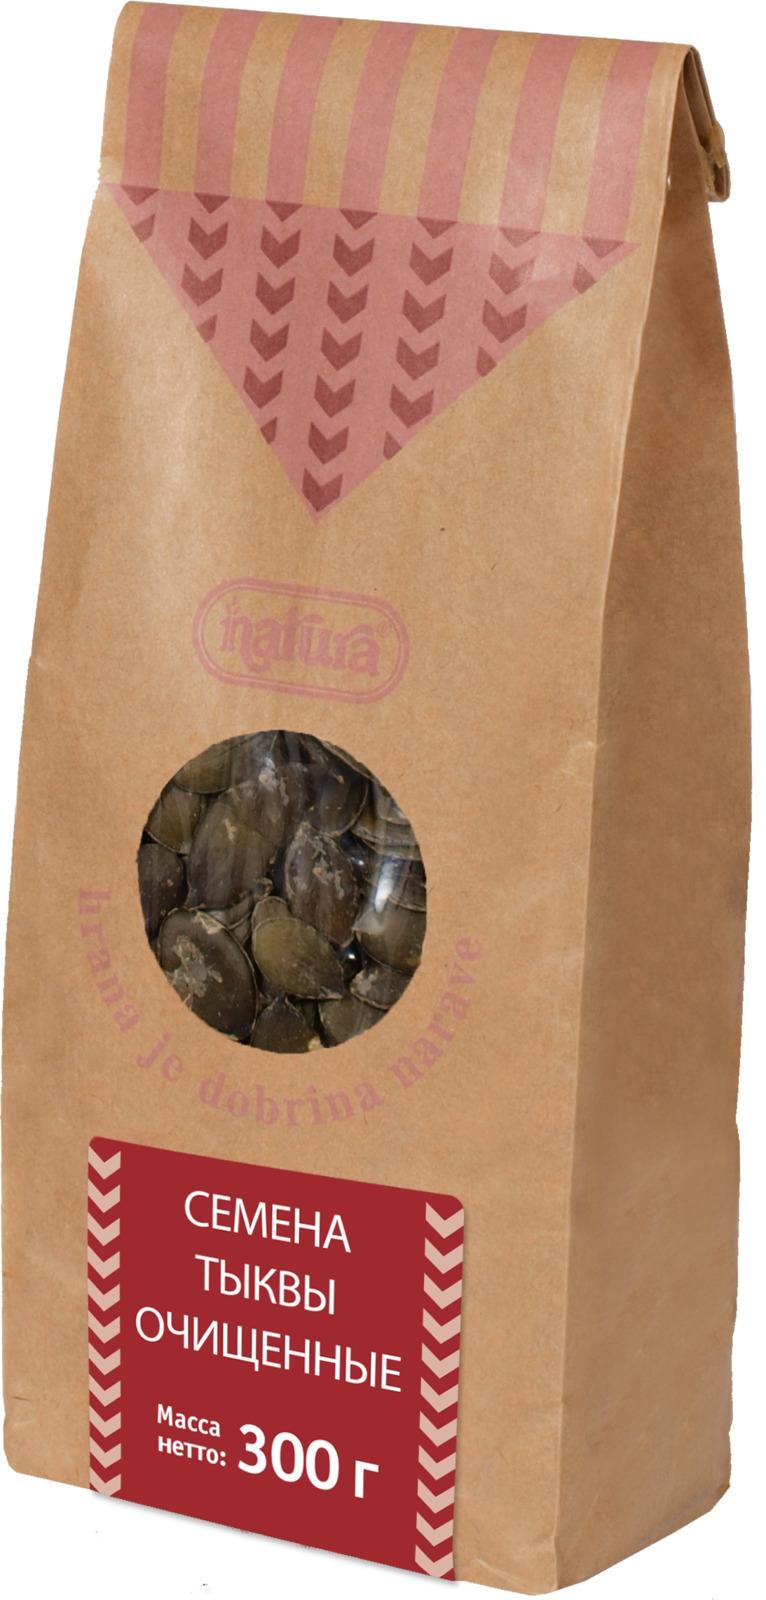 Zito Natura Семена тыквы очищенные, 300 г цена